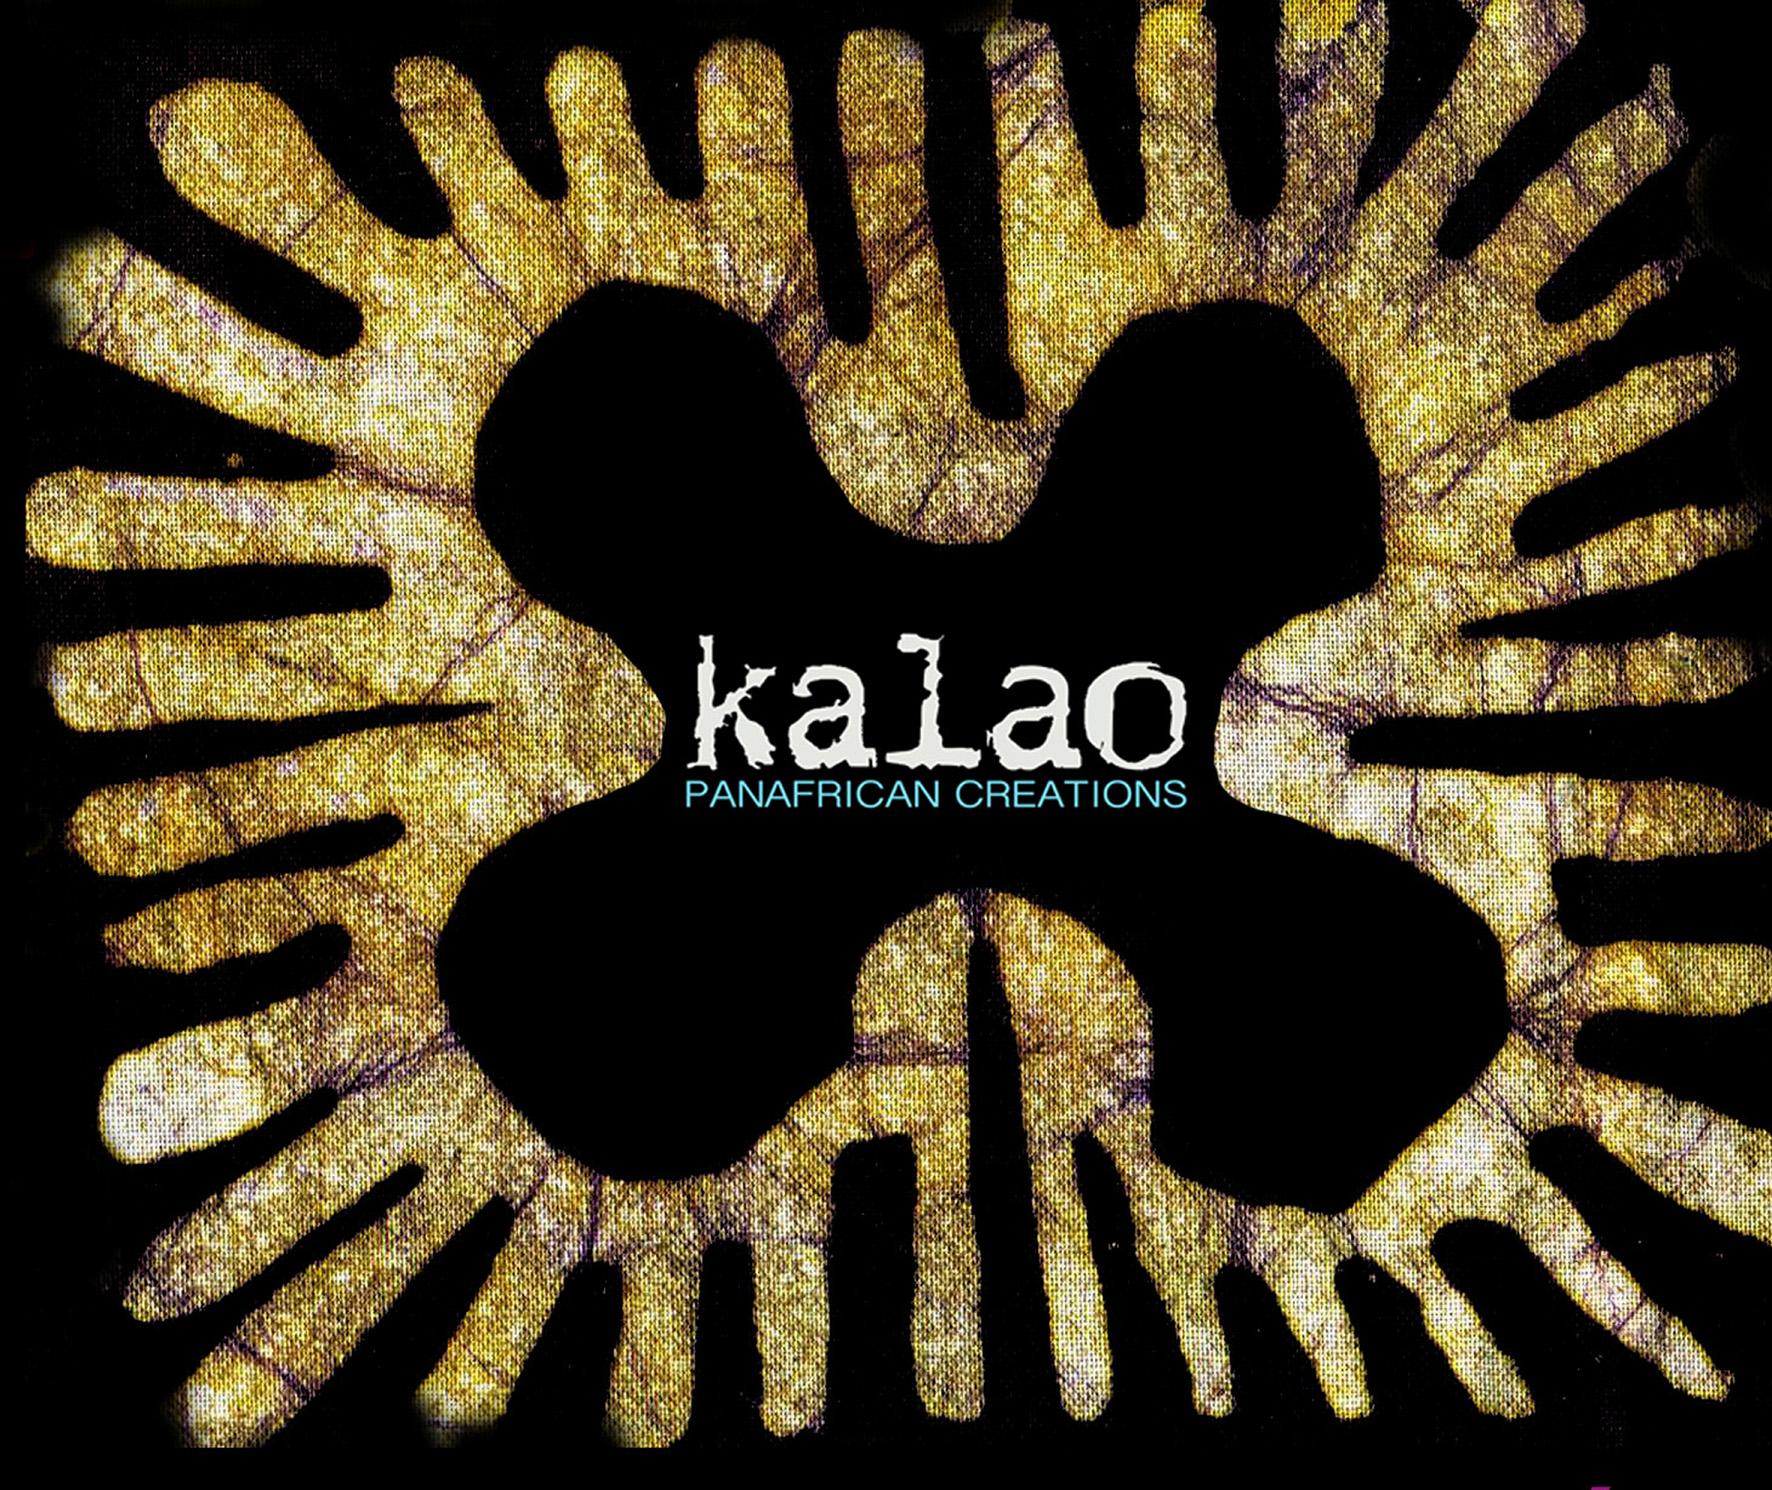 Logotipo de Kalao